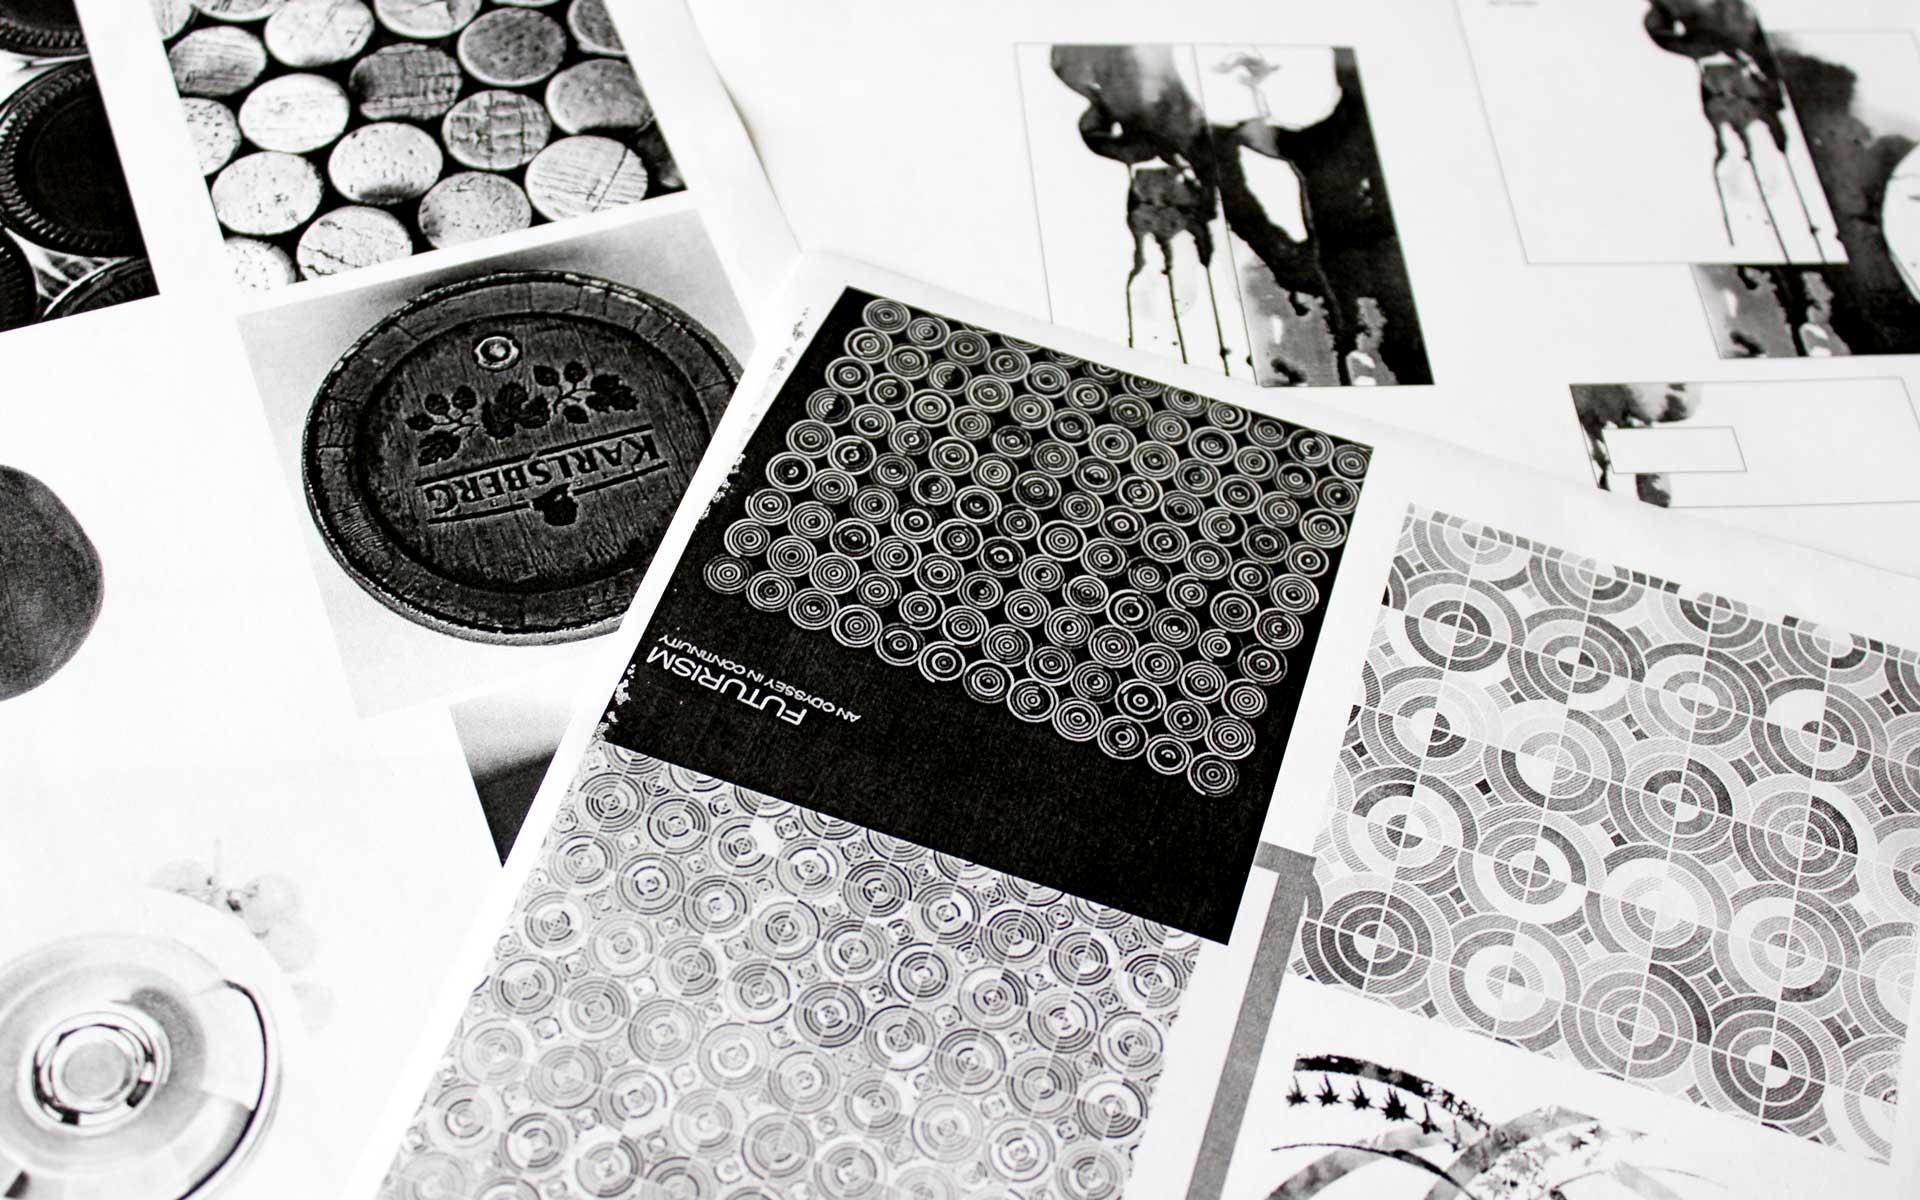 VIINI Brand Identity, Corporate Design, Konzept und Entwicklung